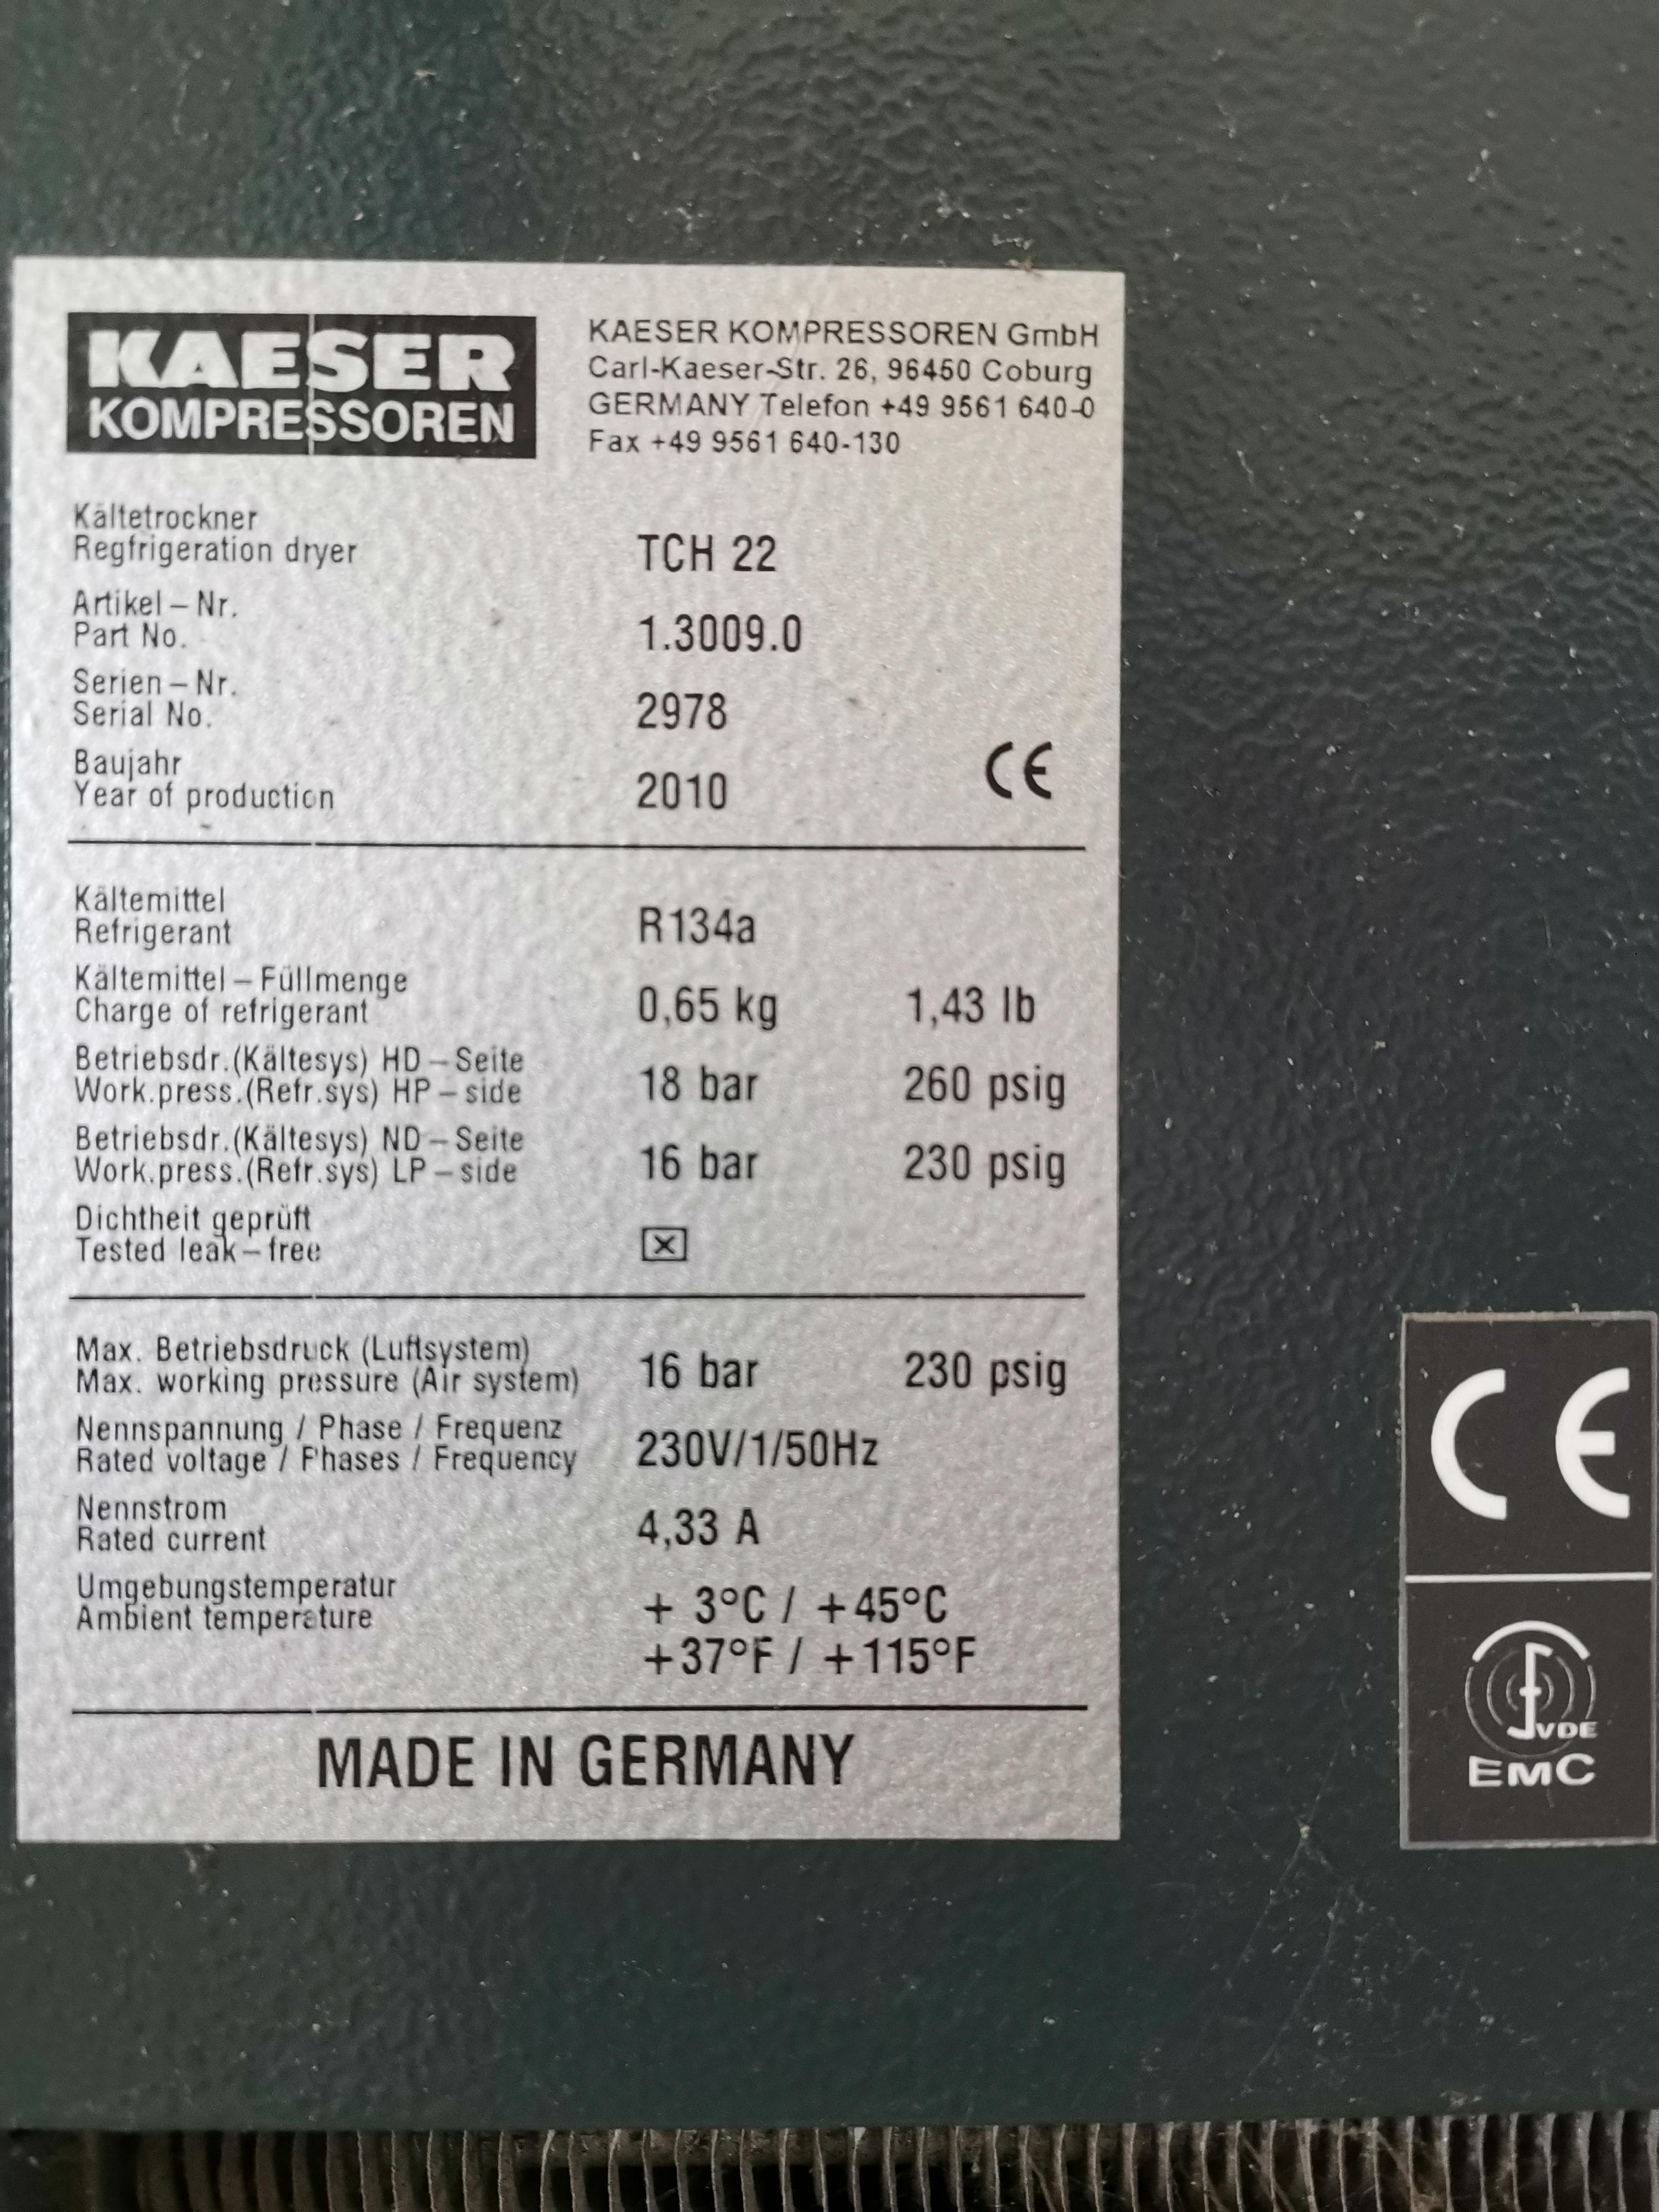 Essiccatore kaeser tch 22 in vendita - foto 3